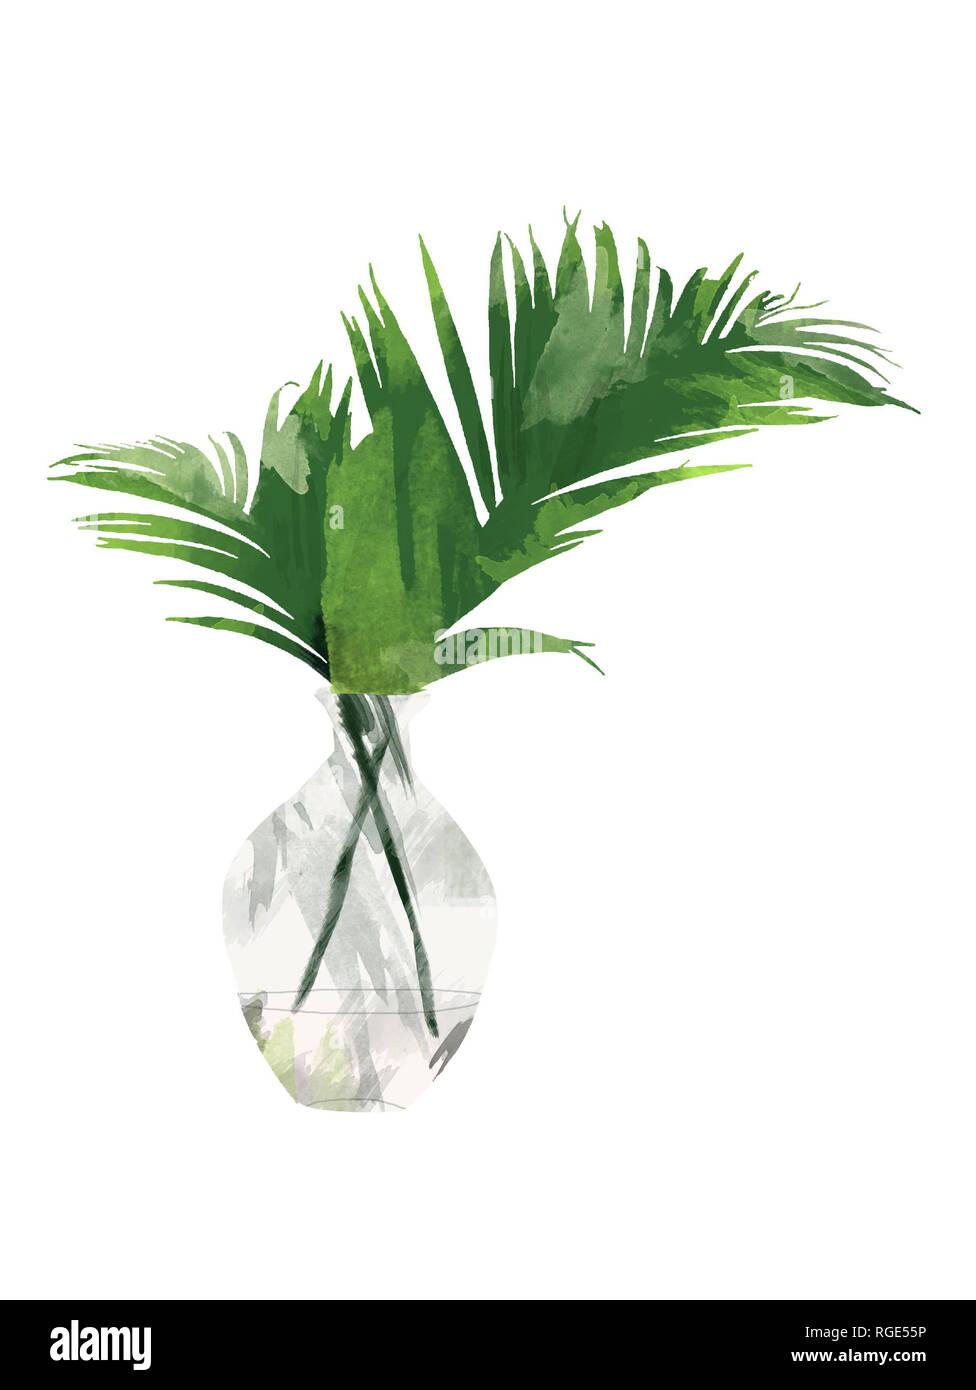 Dipinto a mano Areca tropicale di foglie di palma in bottiglia o vaso isolato su sfondo bianco. Botanico floreali clip art per la progettazione o la stampa - Illustrazione Immagini Stock